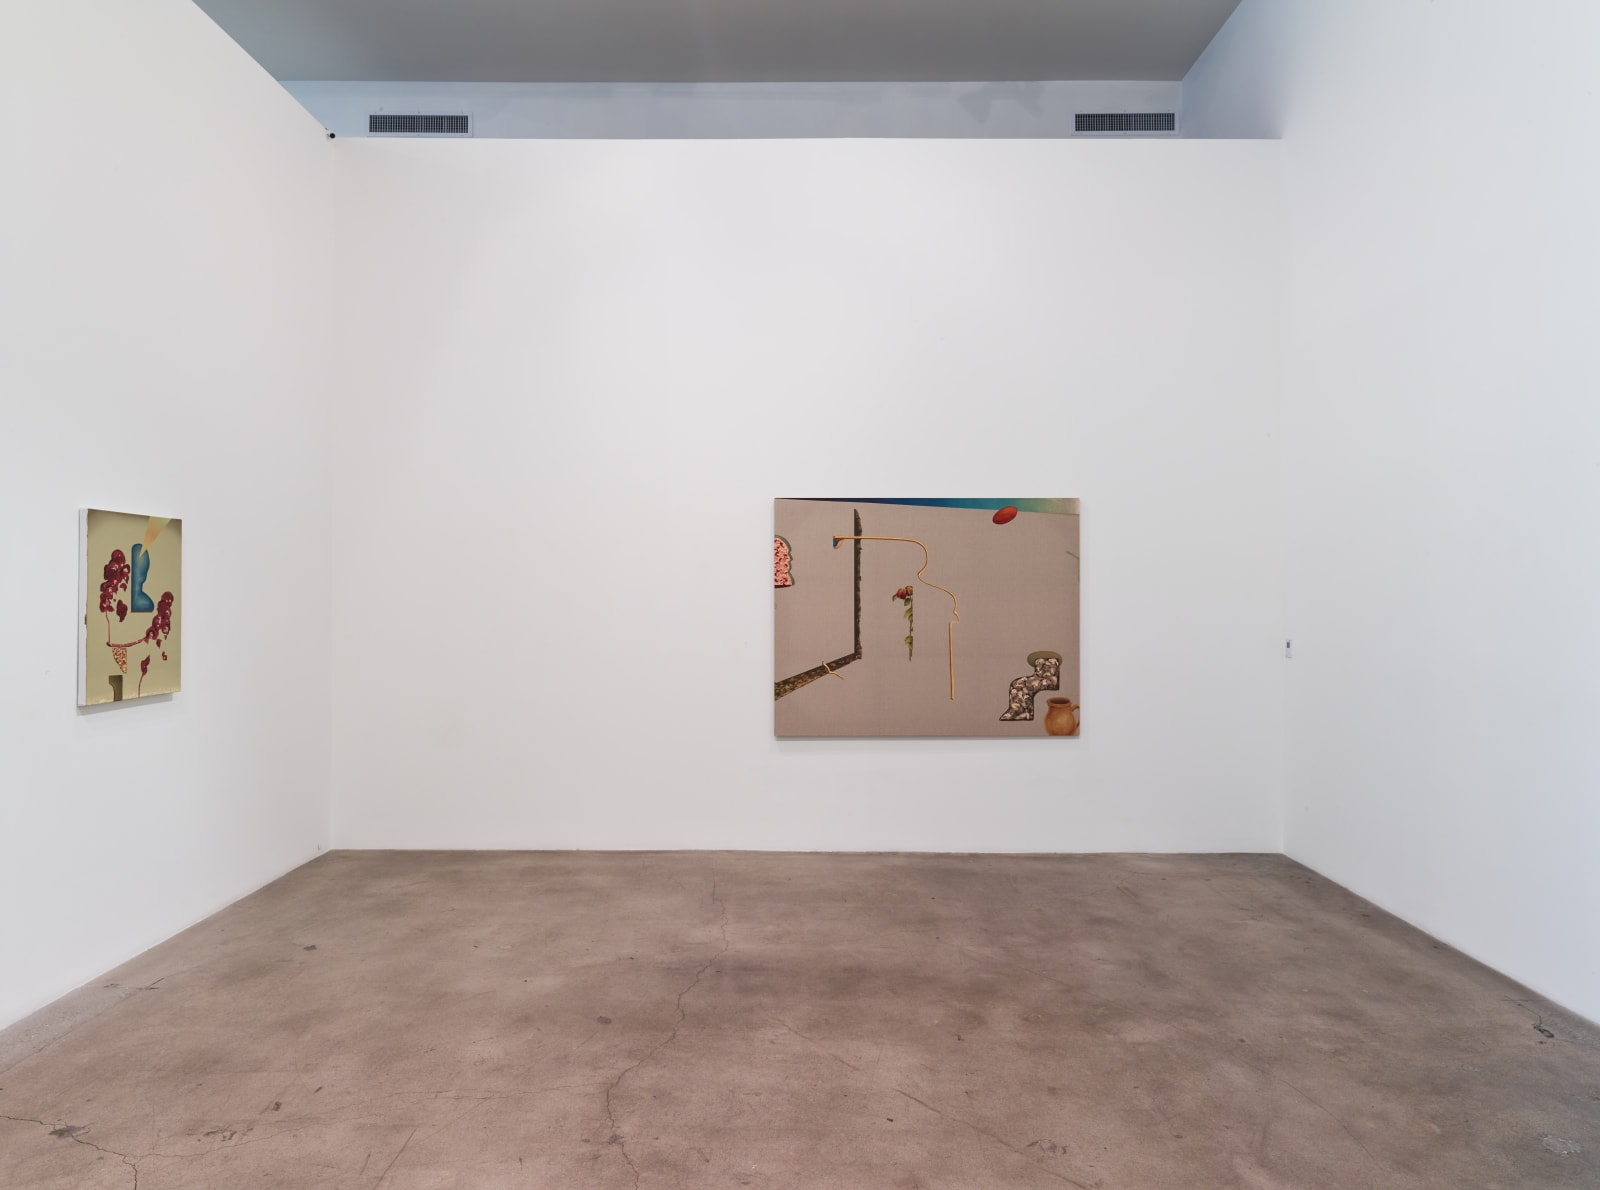 Damien Flood: Shape of Things